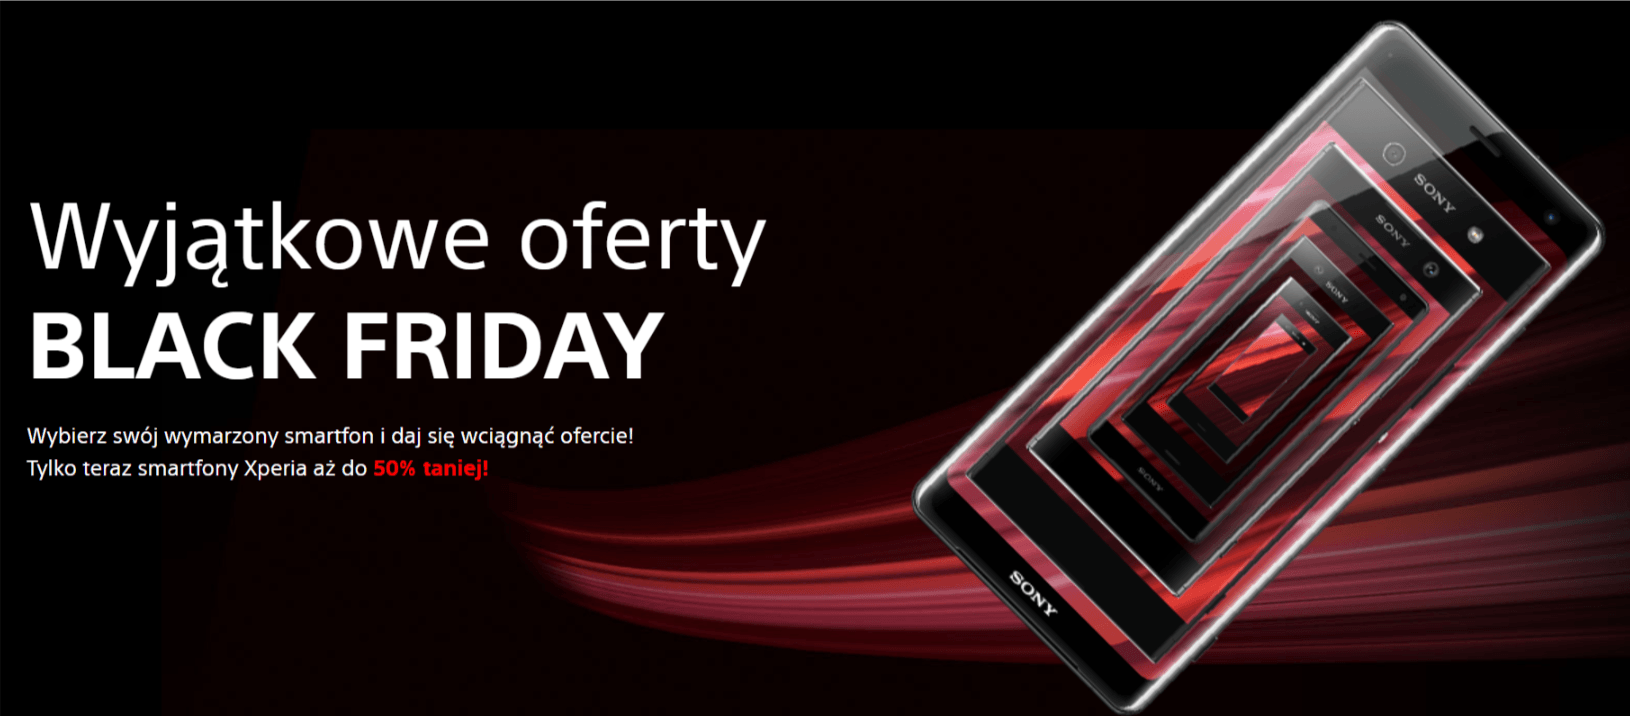 Sony pomaga kupić Xperie taniej, uruchamiając stronę, na której znajdują się linki do promocji na smartfony 25